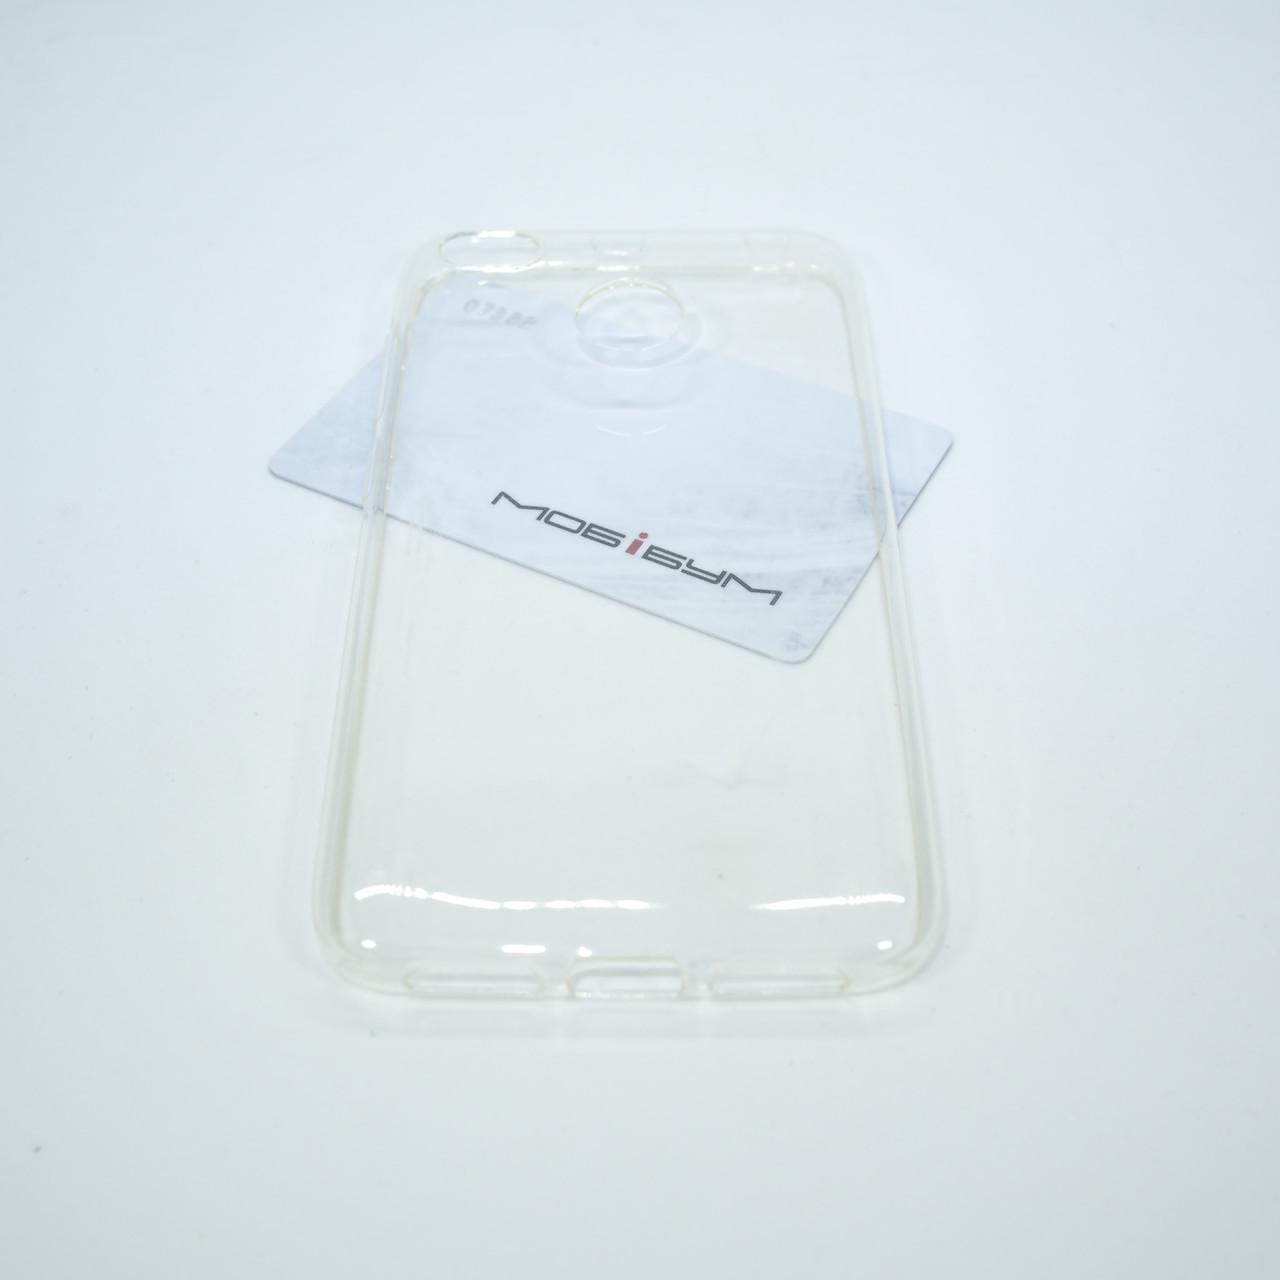 2E TPU Xiaomi Redmi 4x clear